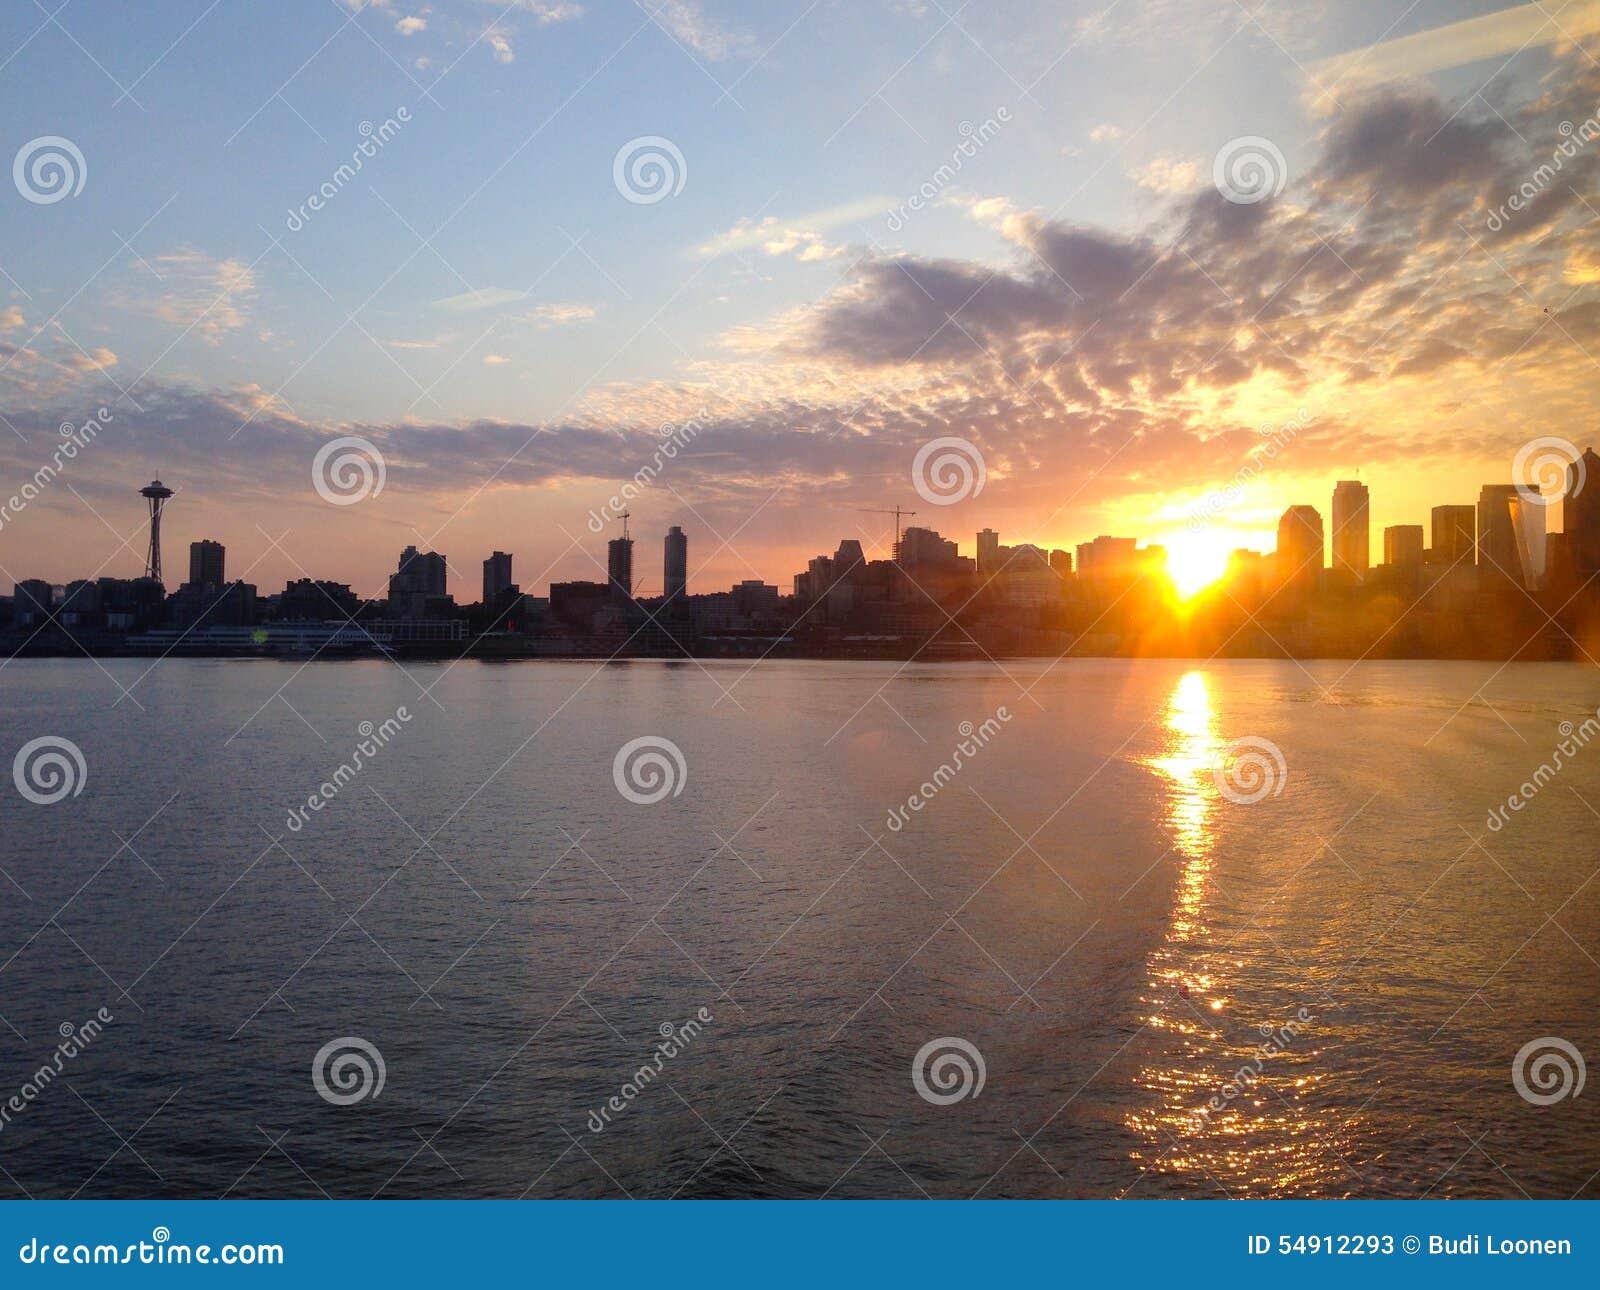 Горизонт Сиэтл WA, восход солнца - Соединенные Штаты Америки